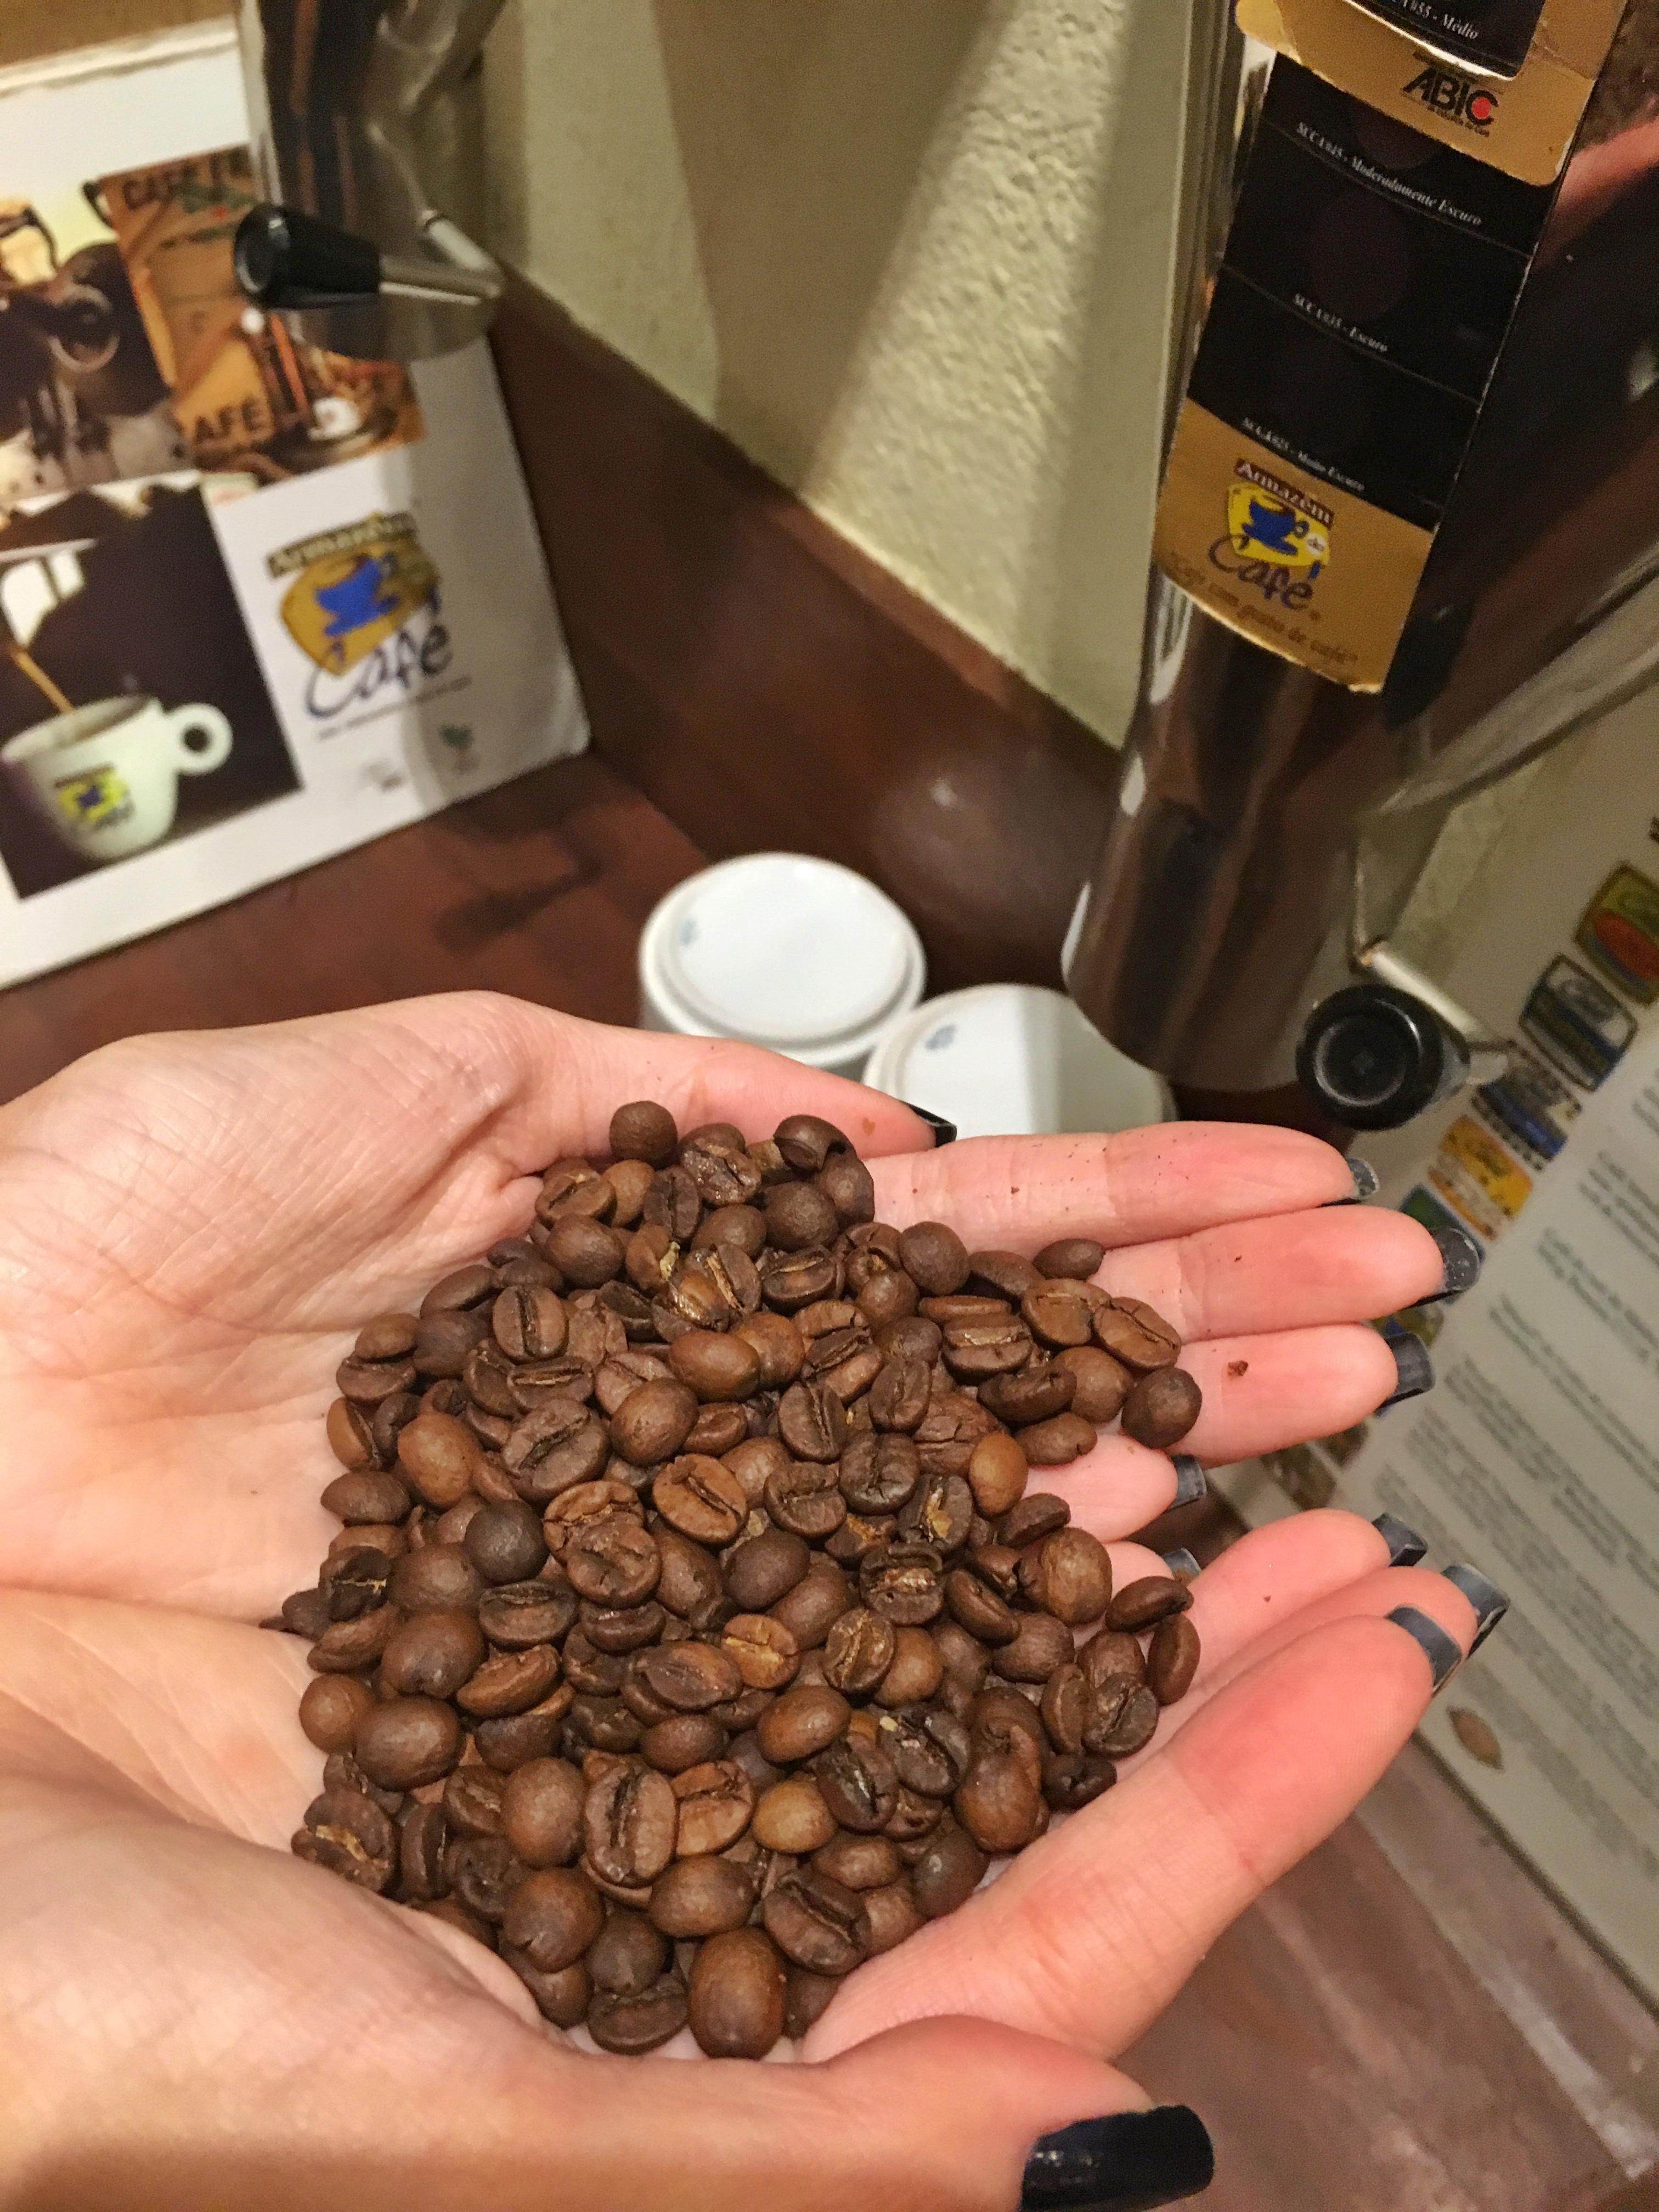 armazem-do-cafe-coffee